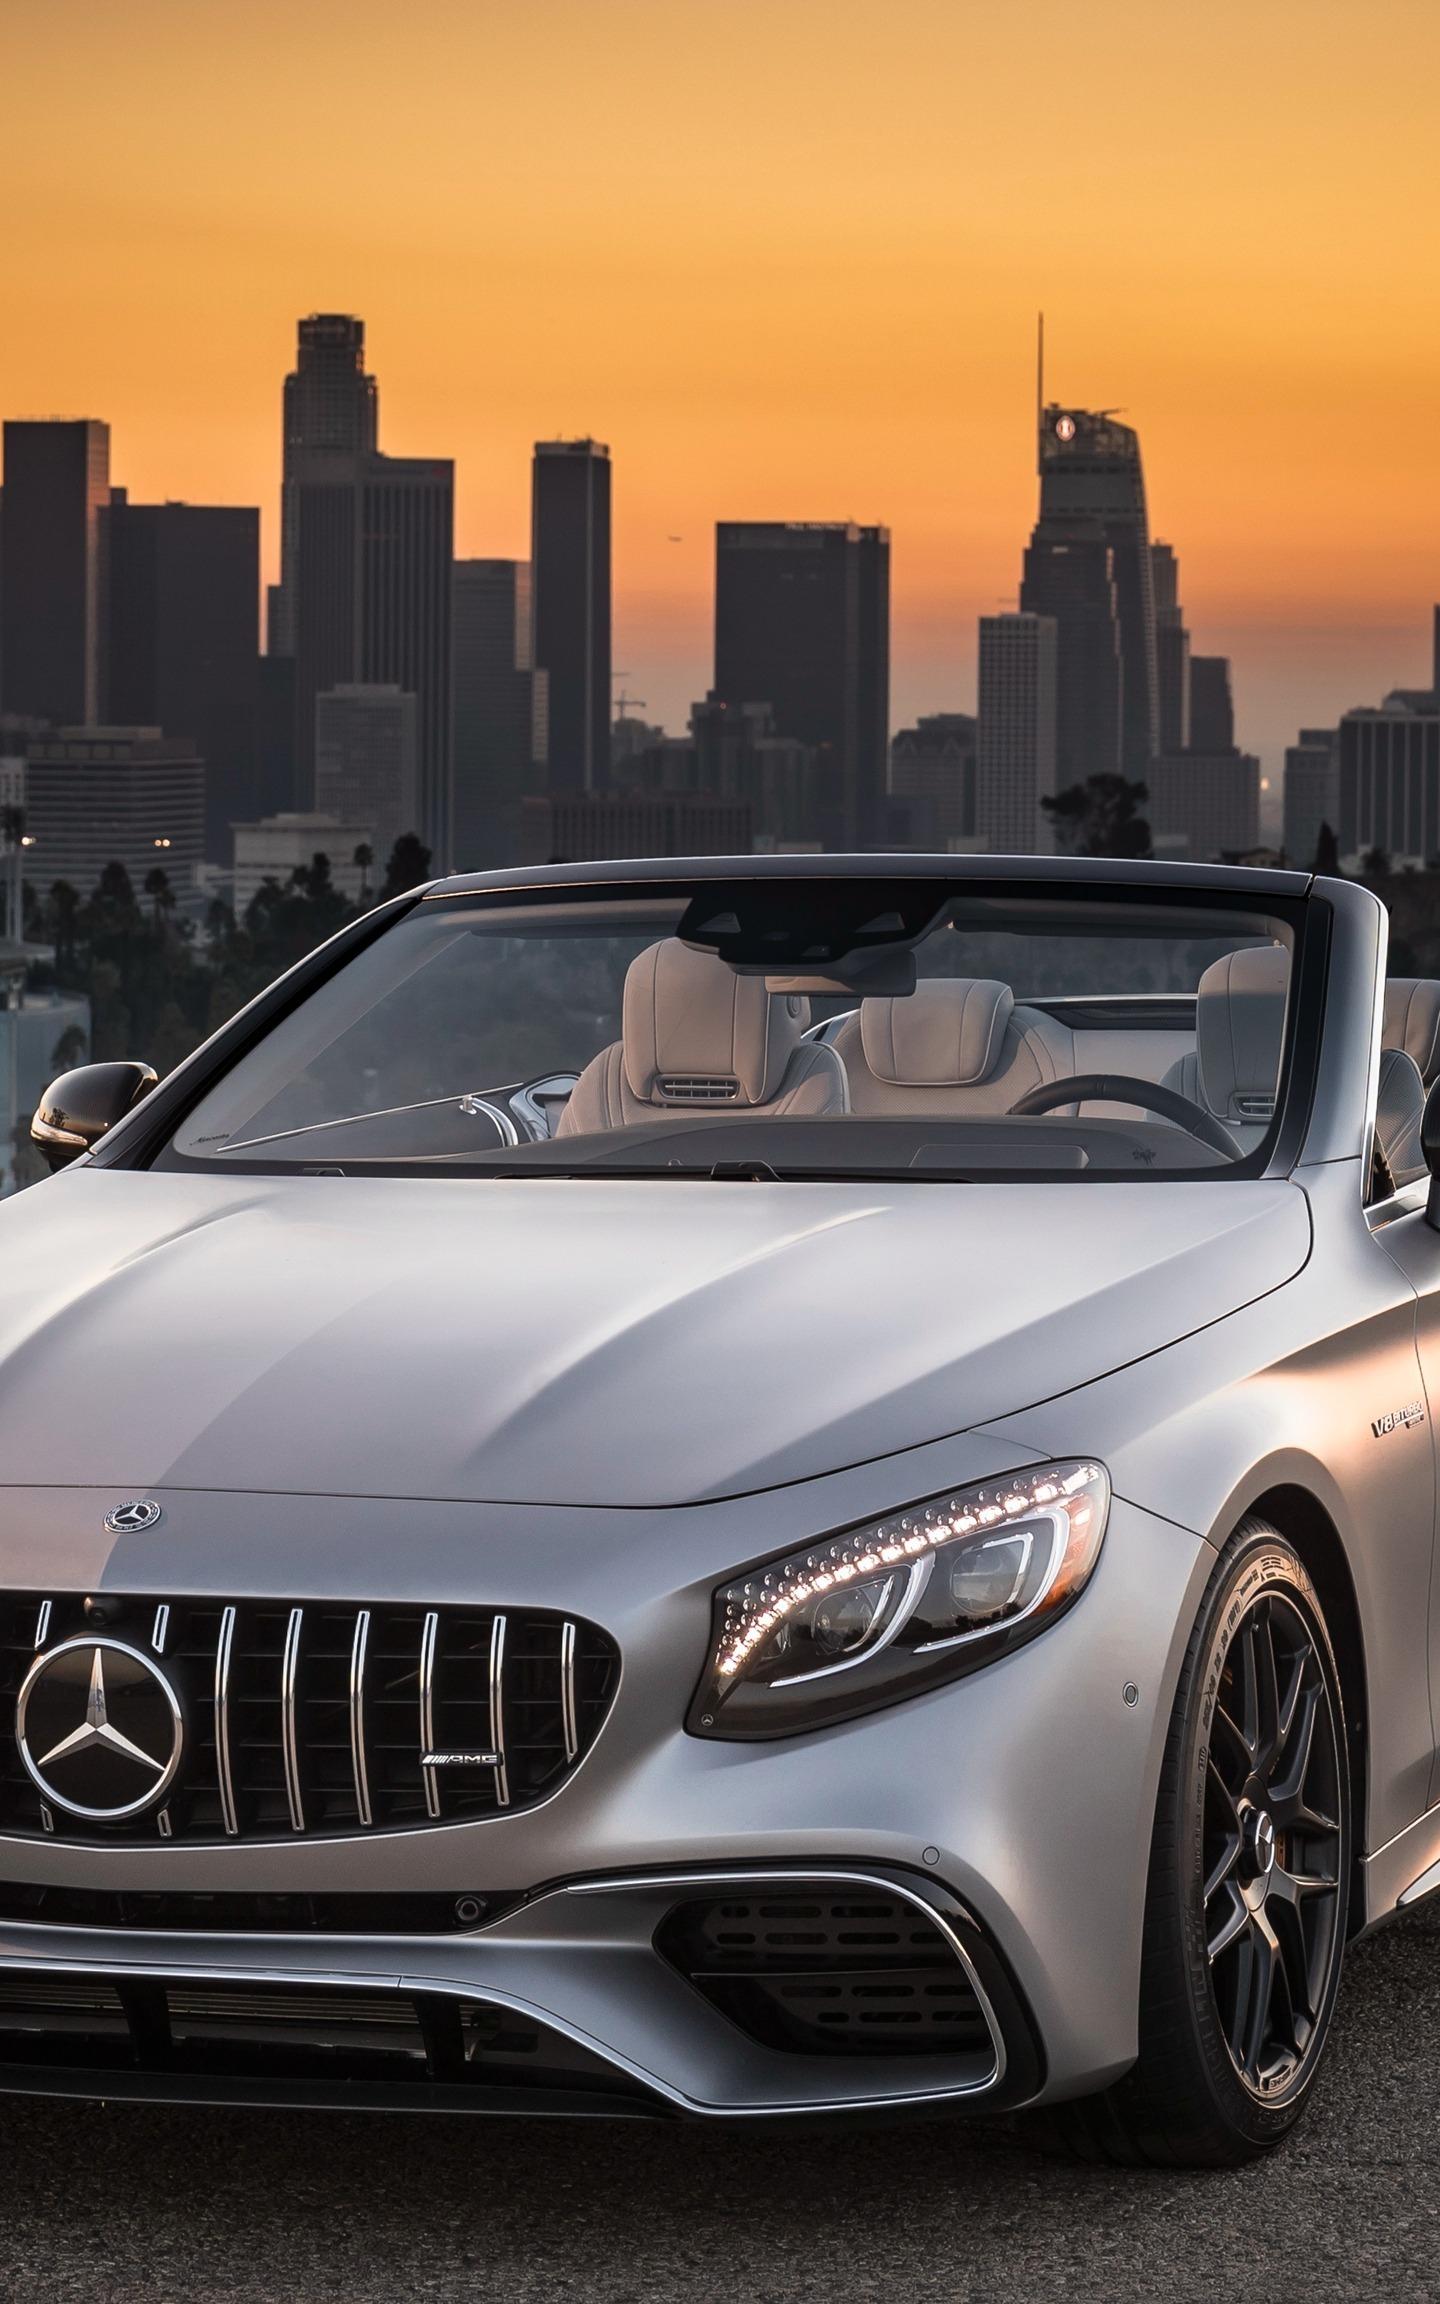 Mercedes-AMG S63 4MATIC Cabriolet, sports car, 1440x2560 wallpaper